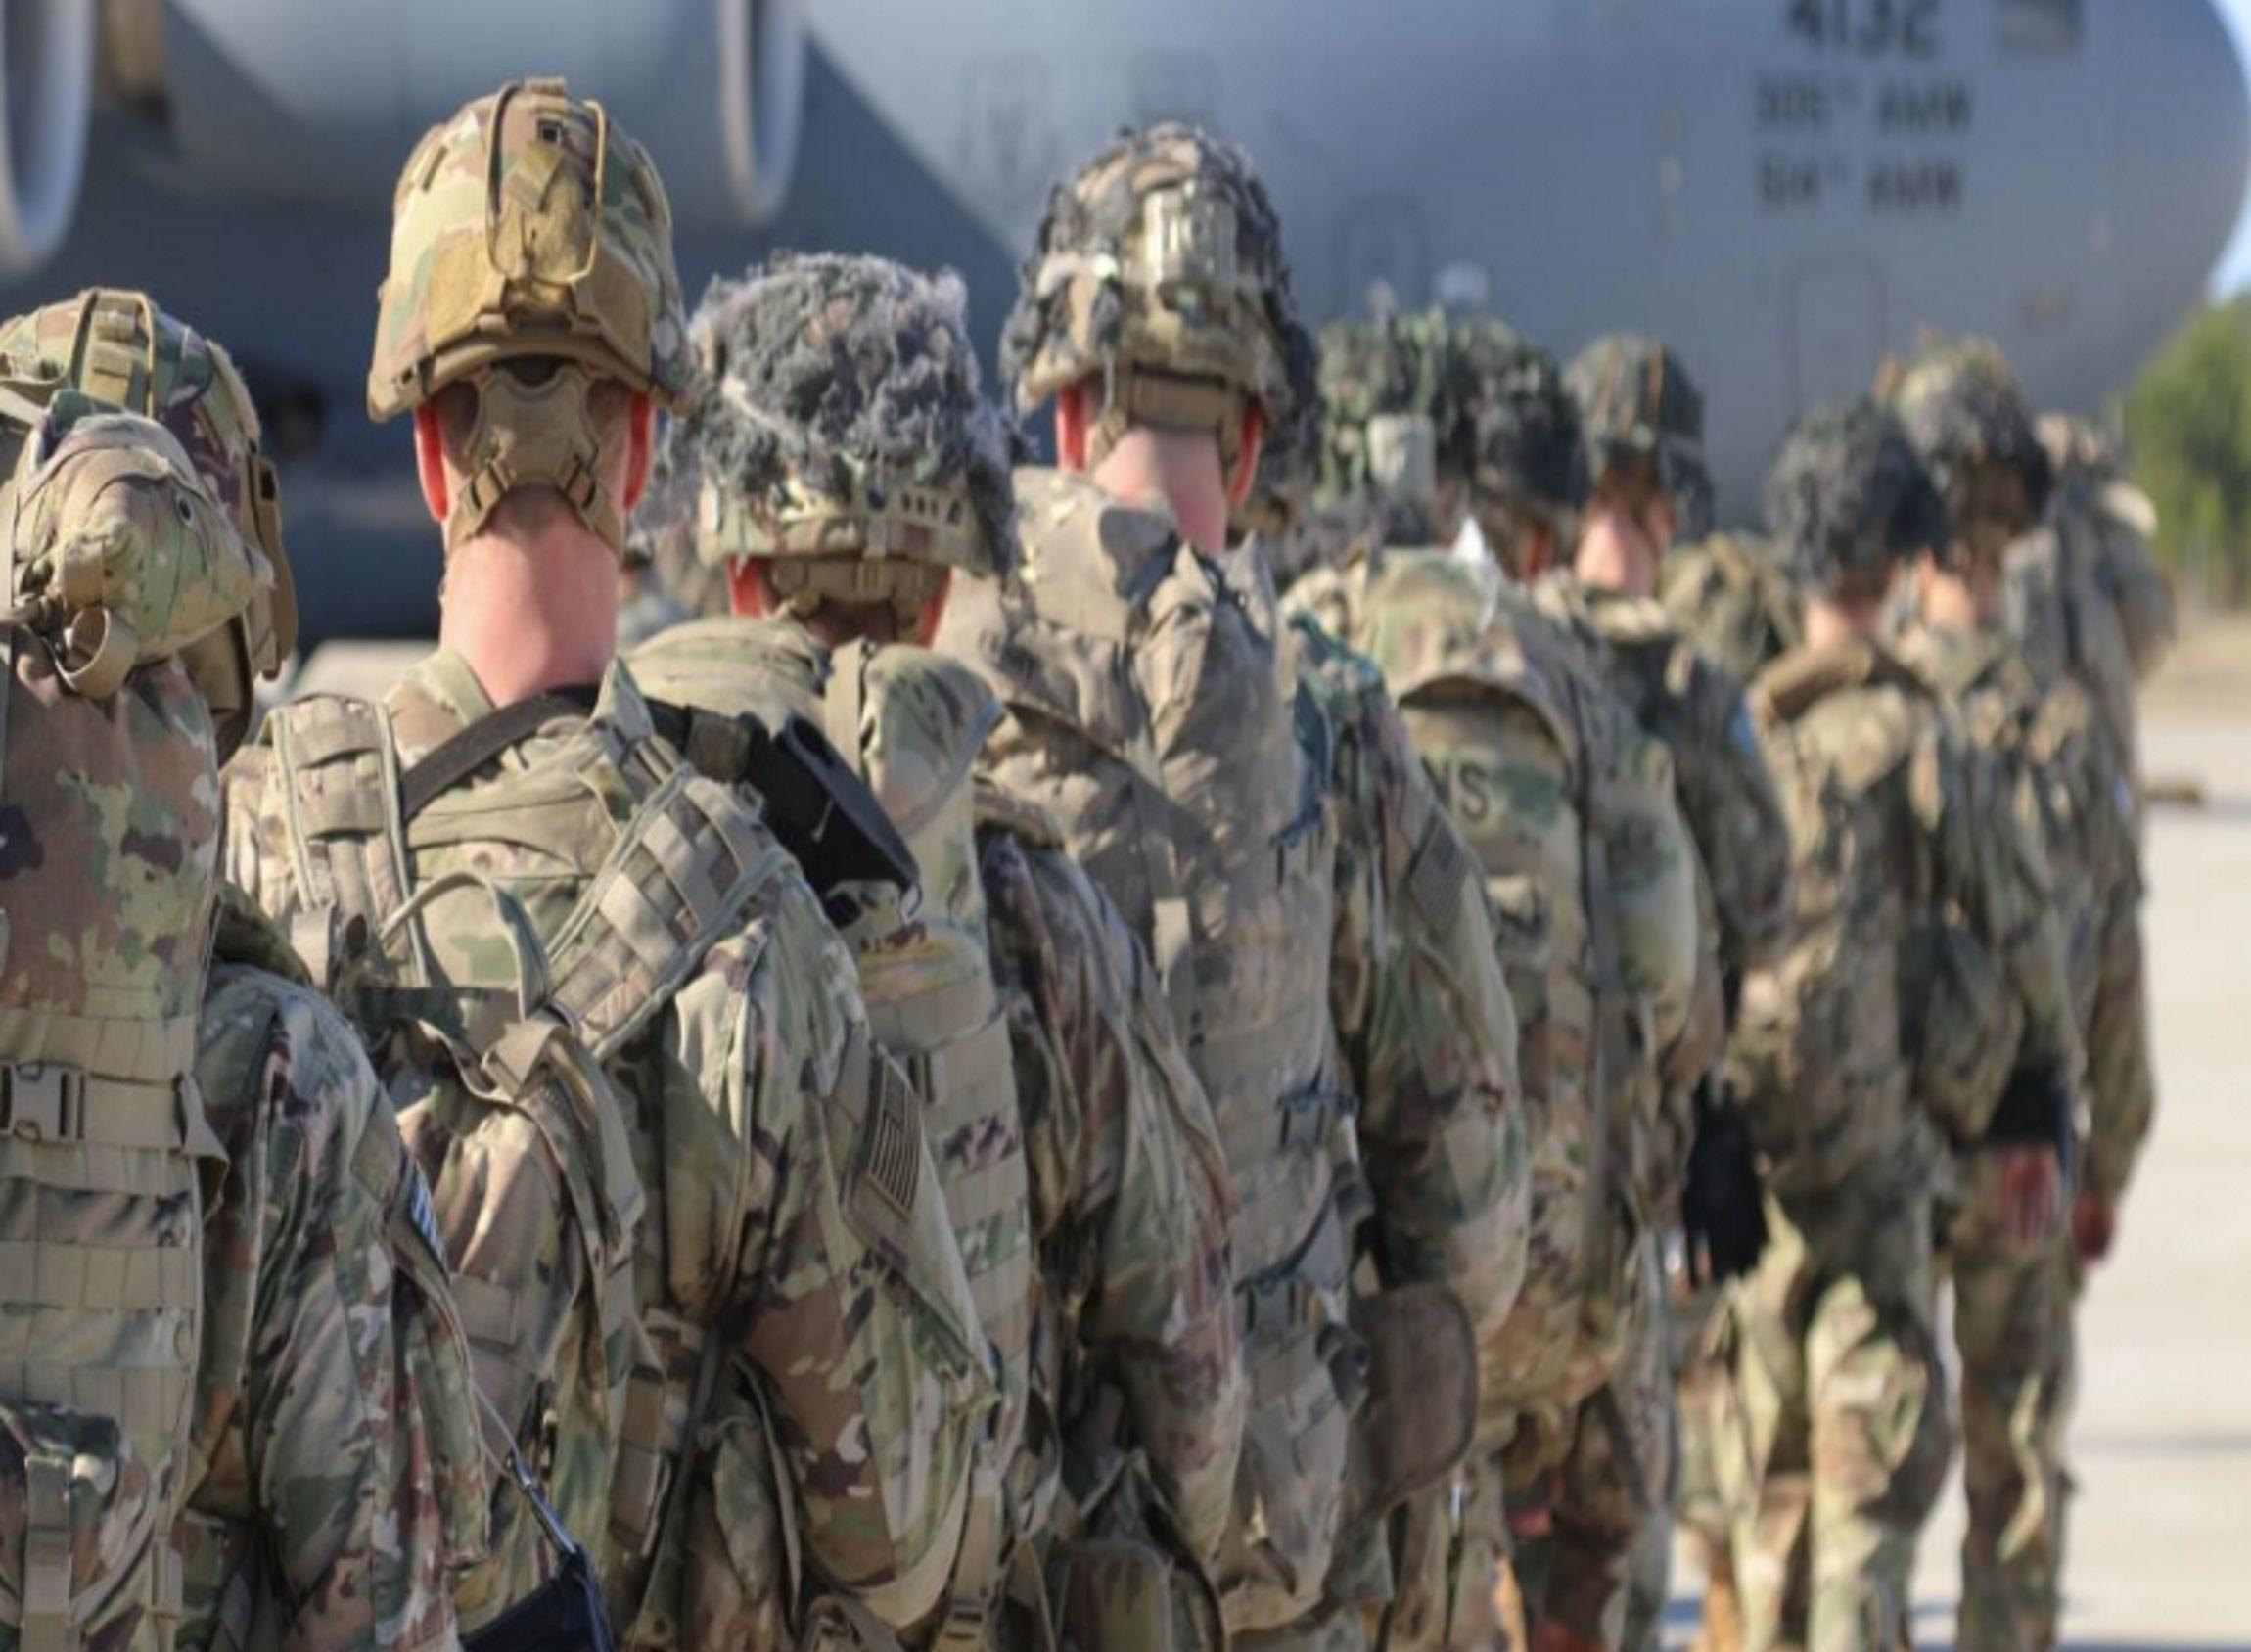 Ακύρωση των σχεδίων Τραμπ – Οι ΗΠΑ στέλνουν κι άλλους στρατιώτες στην Γερμανία